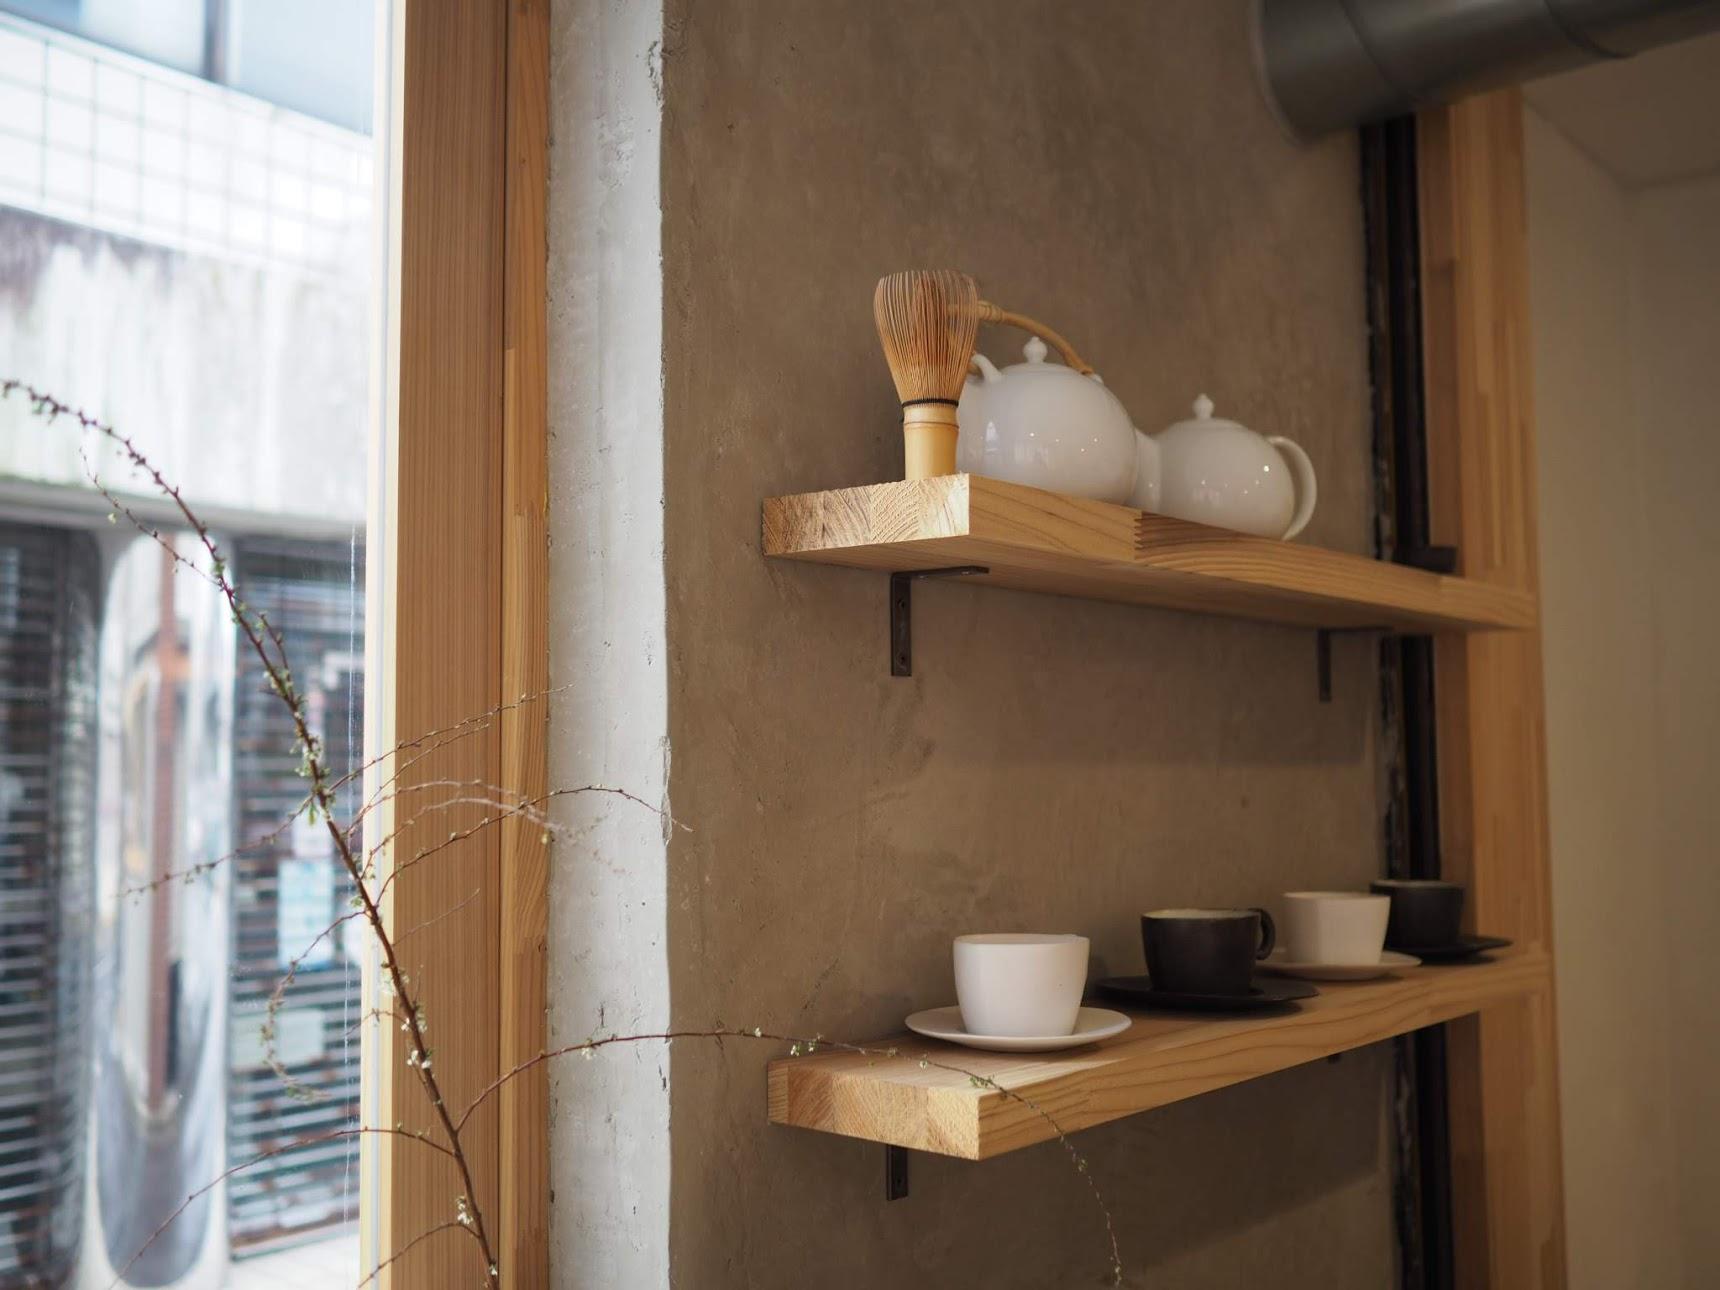 壁に茶器が並べられている